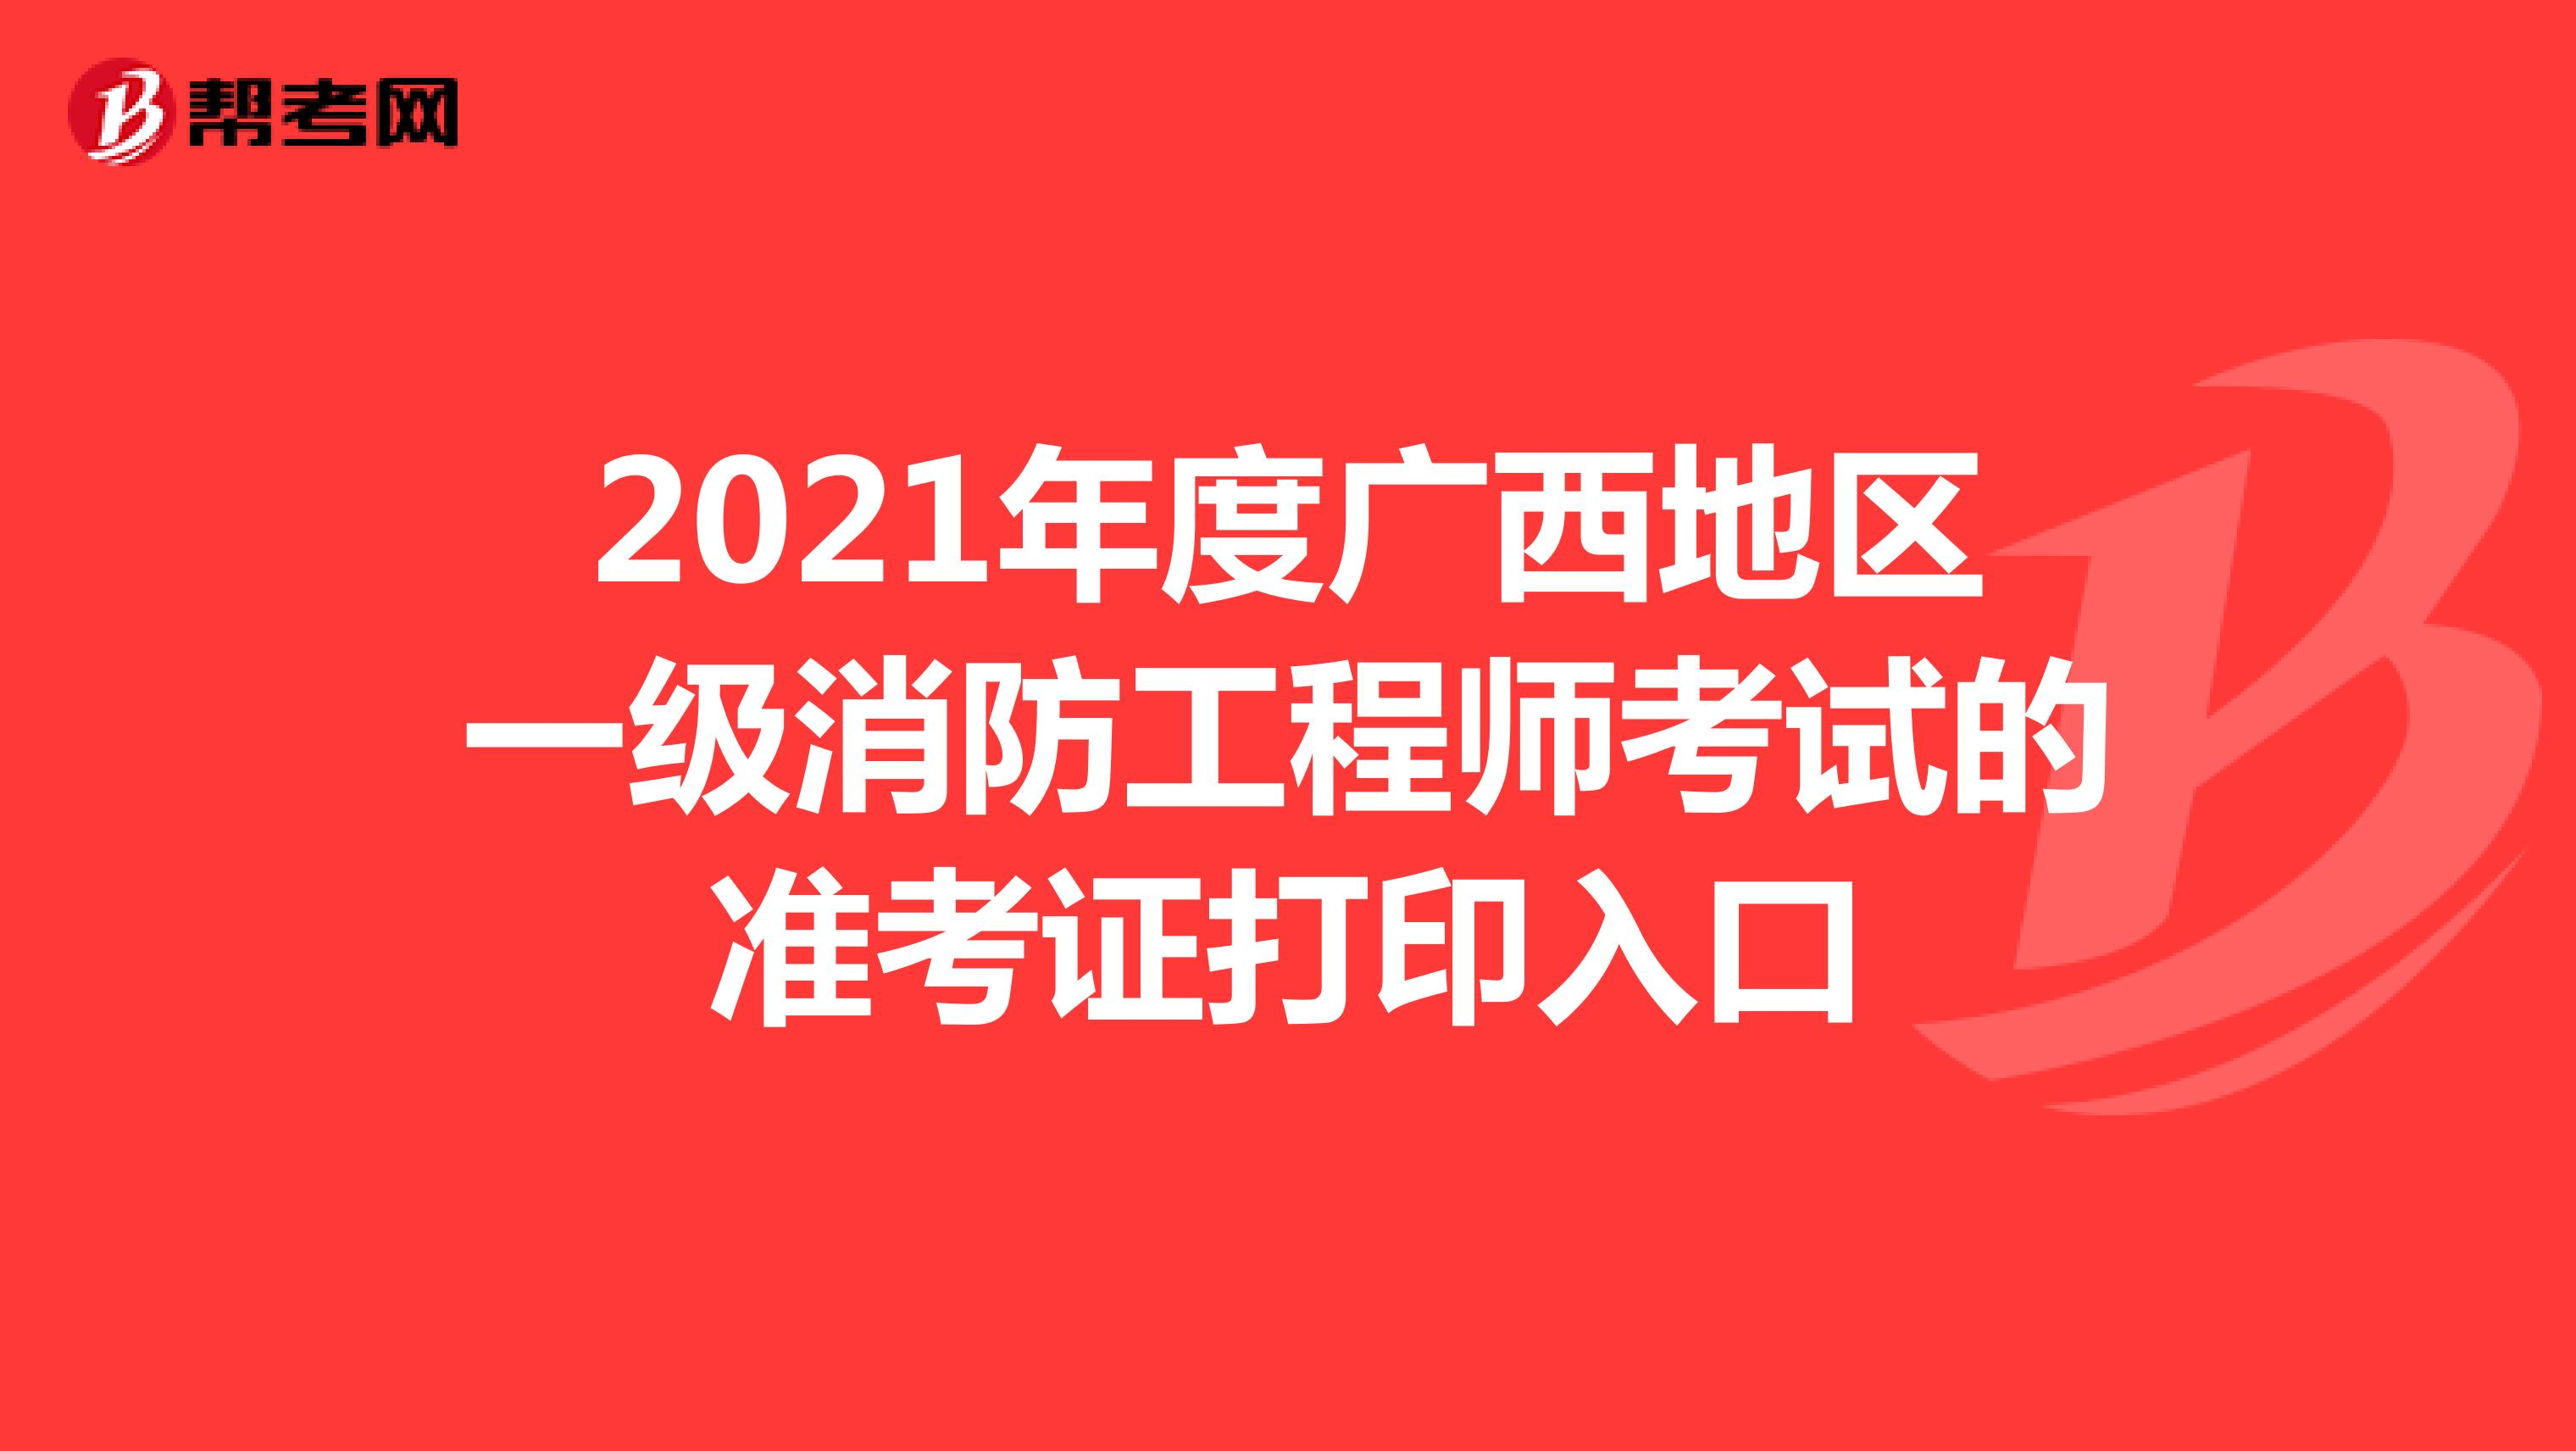 2021年度广西地区一级消防工程师考试的准考证打印入口